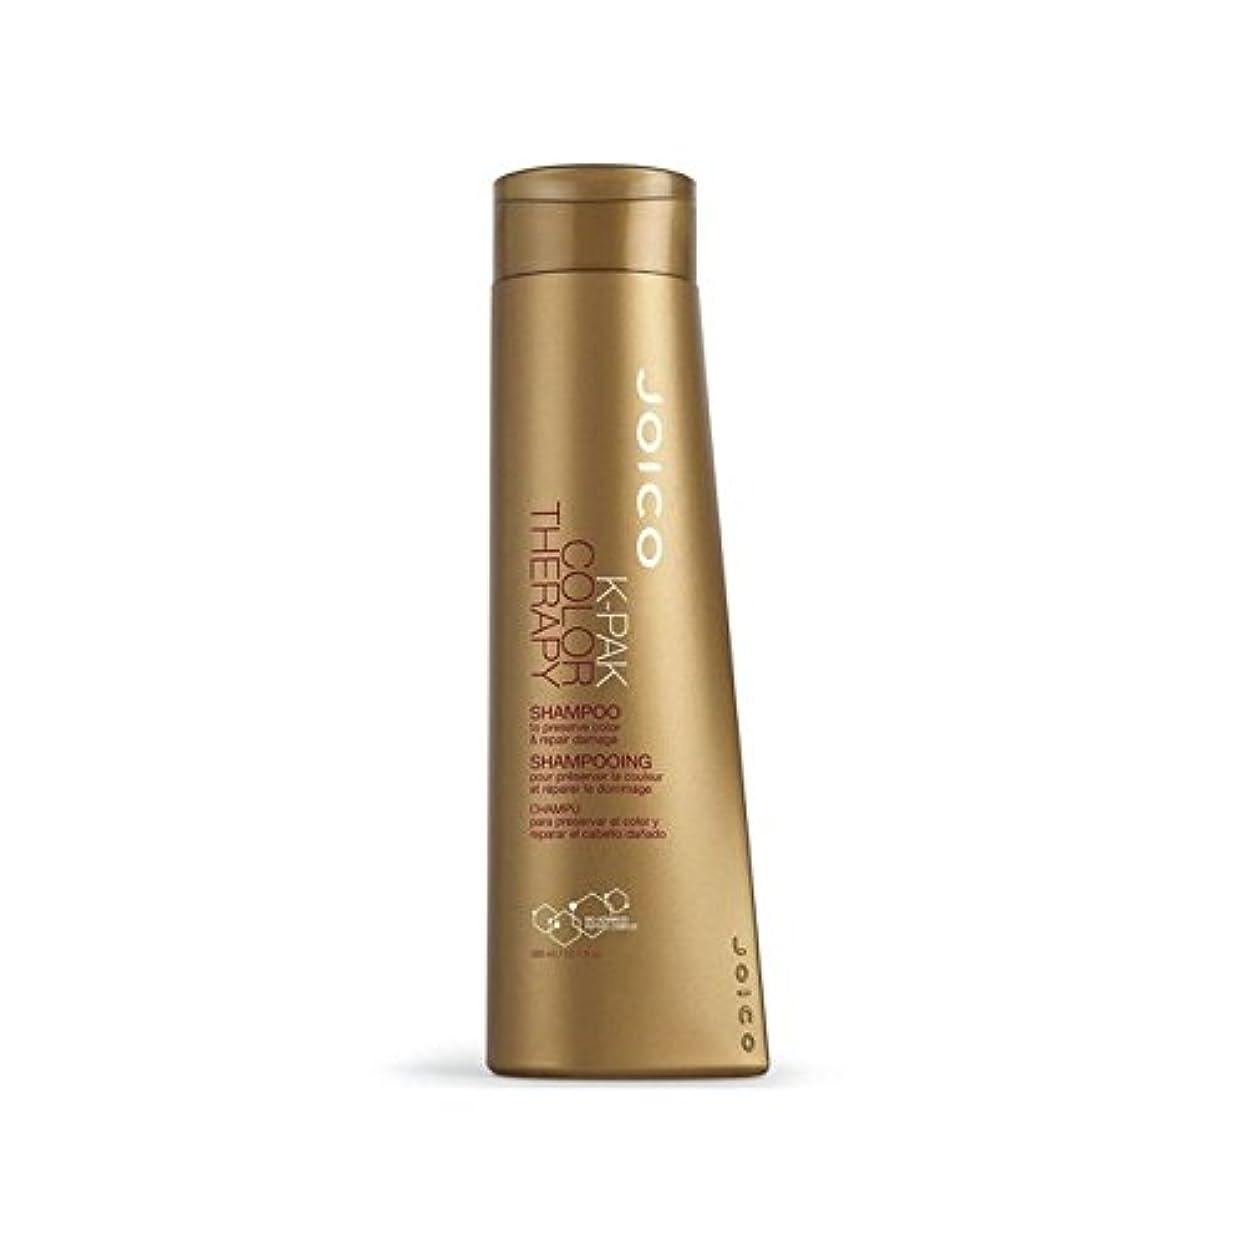 吸収剤ノベルティカウボーイジョイコ-カラーセラピーシャンプー300ミリリットル x4 - Joico K-Pak Color Therapy Shampoo 300ml (Pack of 4) [並行輸入品]